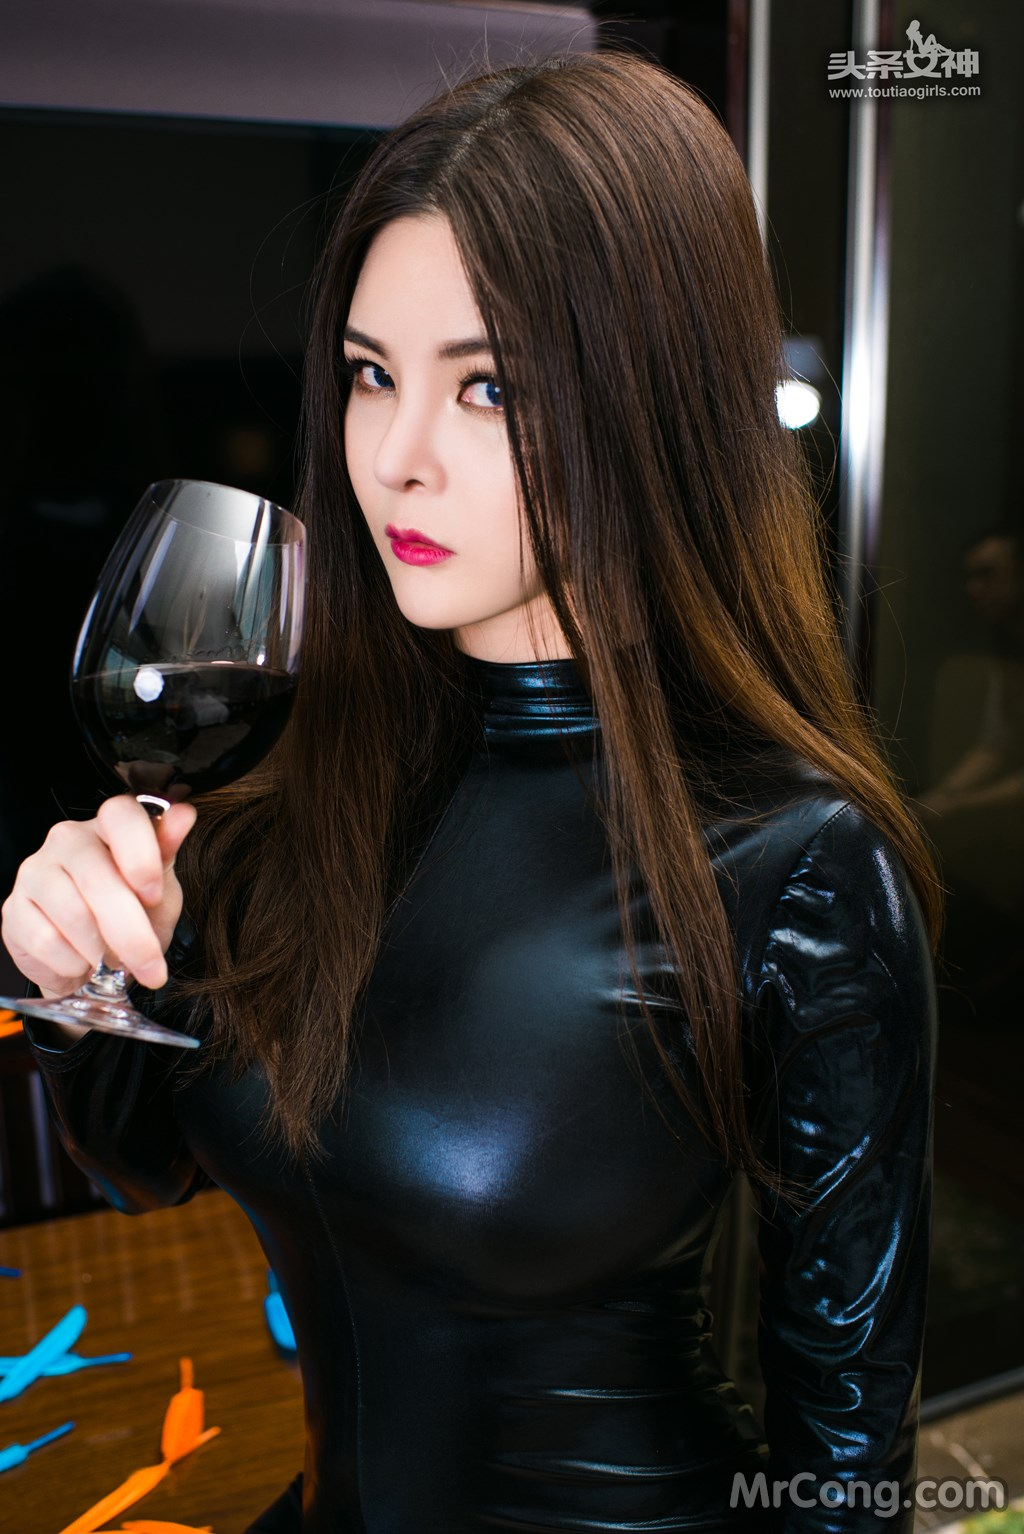 Image MrCong.com-TouTiao-2017-02-11-Tong-An-Qi-007 in post TouTiao 2017-02-11: Người mẫu Tong An Qi (童安琪) (27 ảnh)